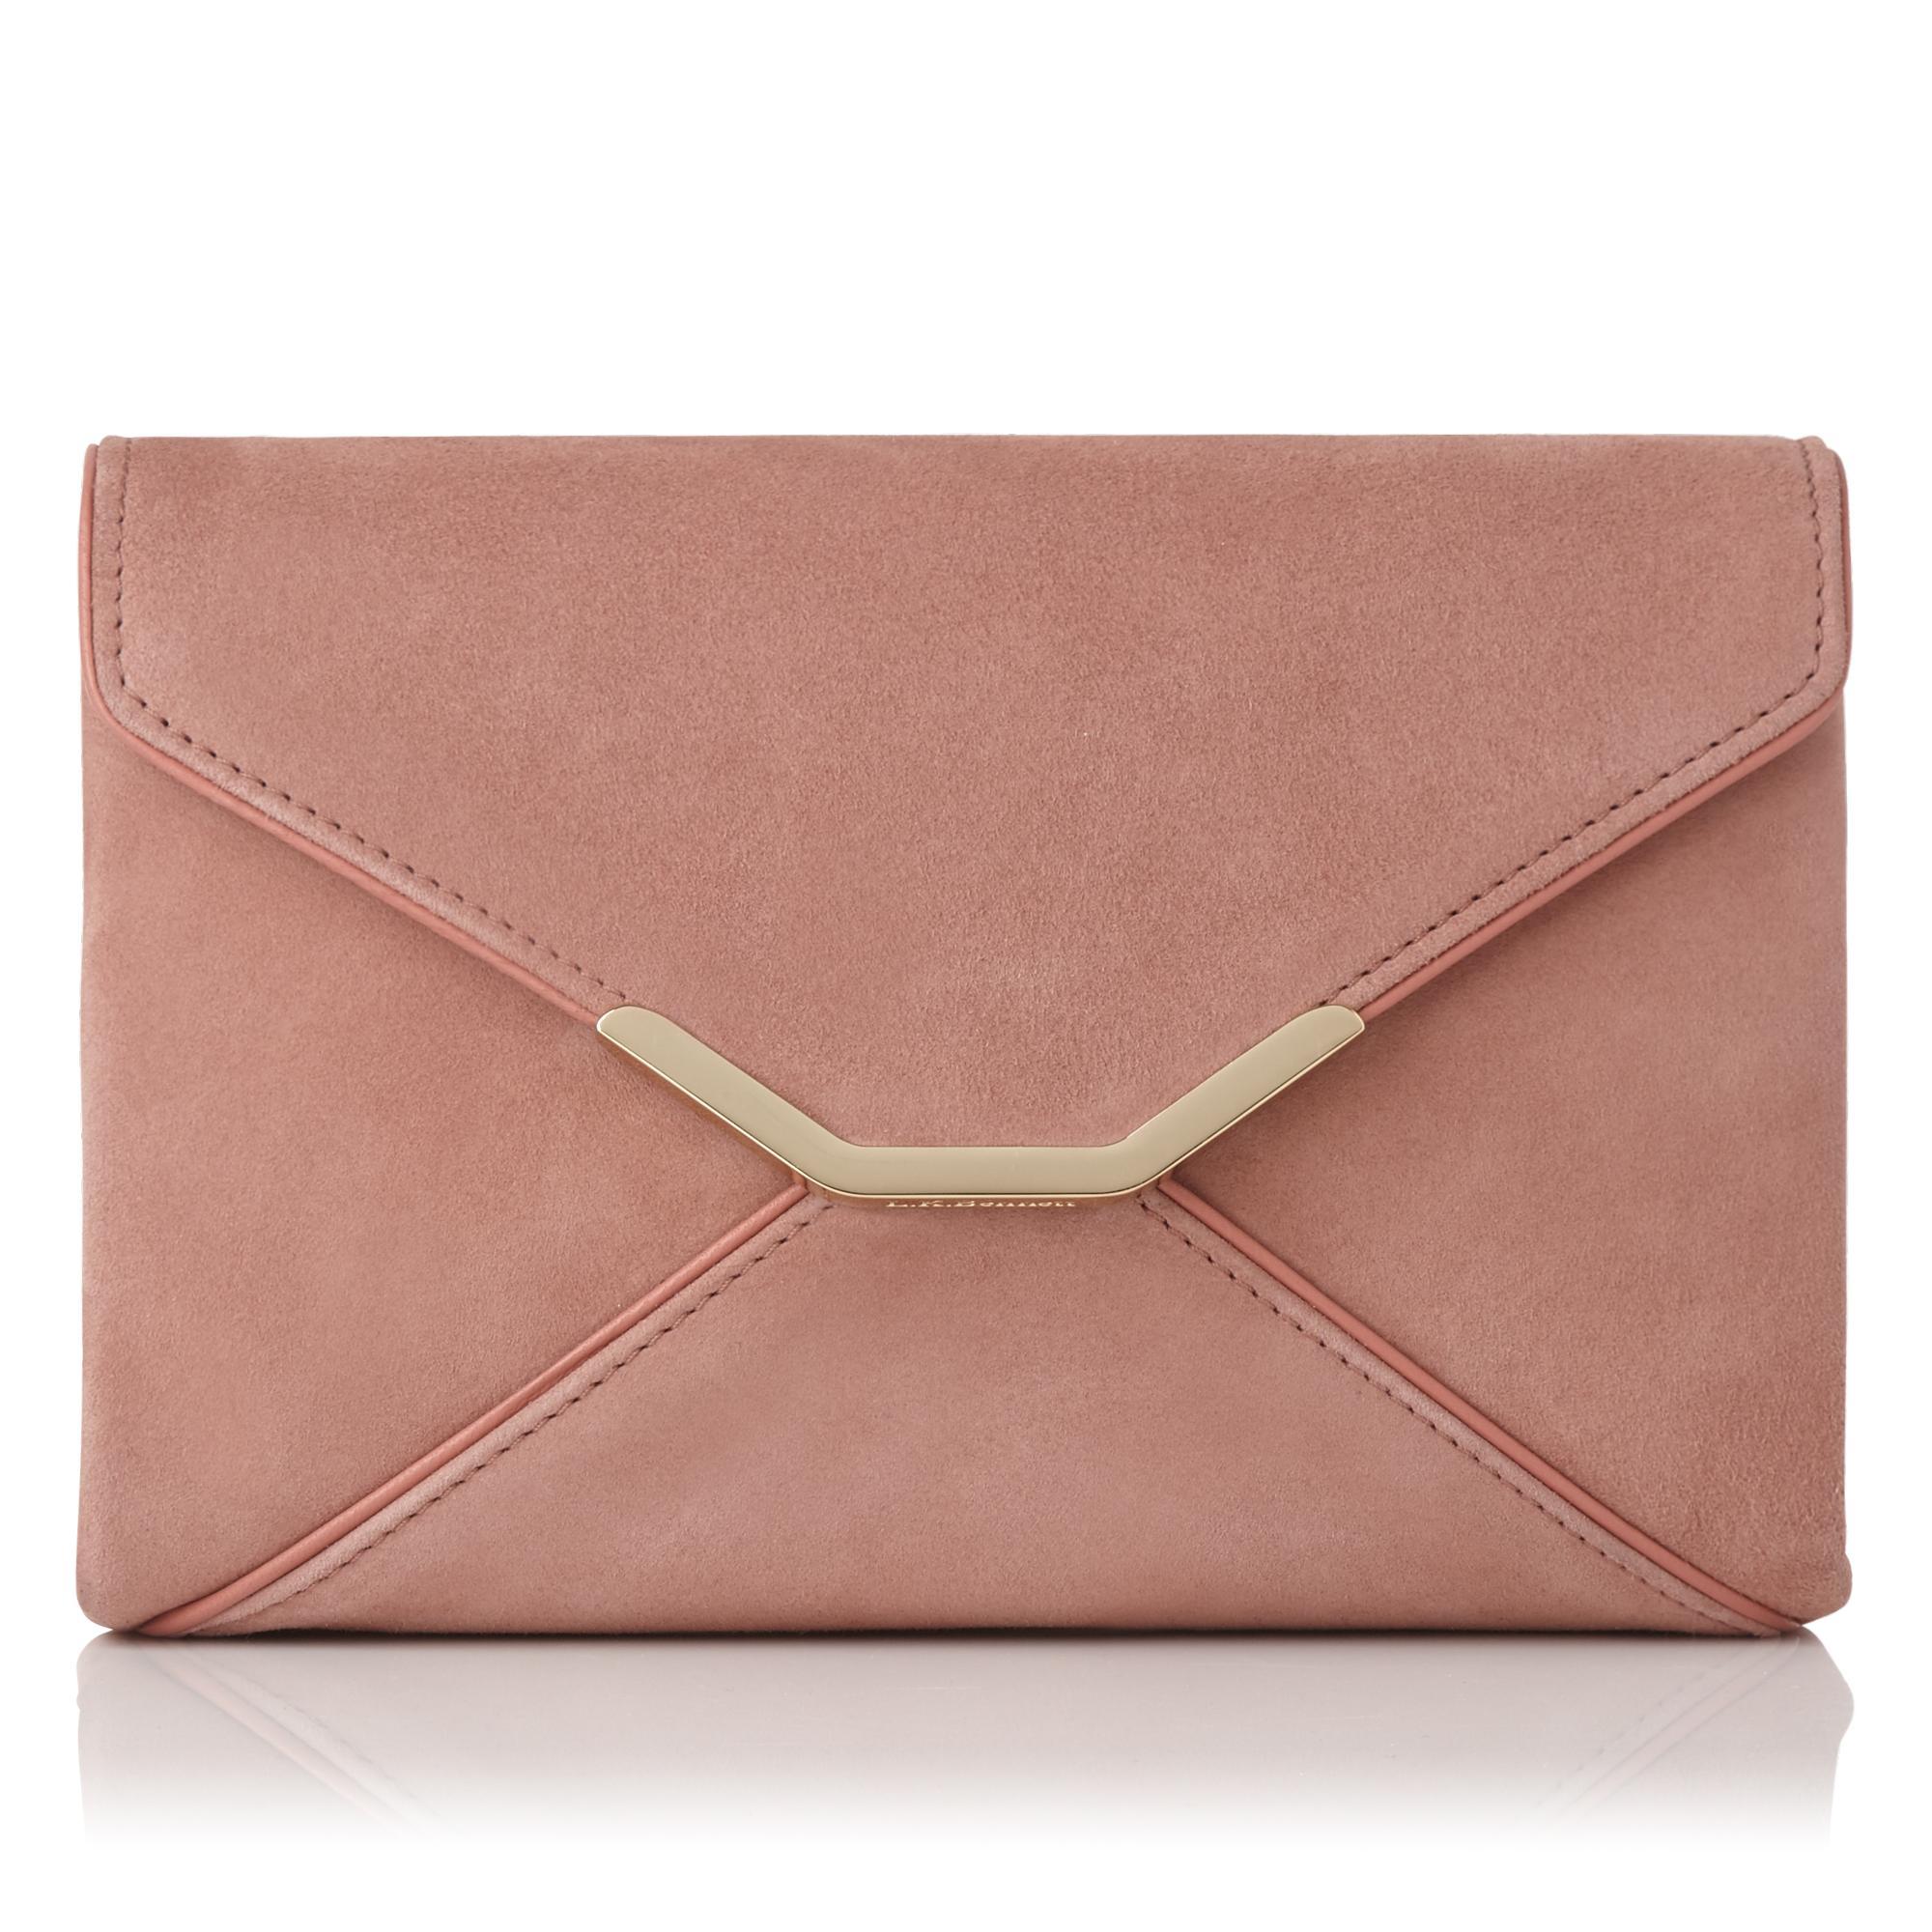 Alena Pink Suede Envelope Clutch